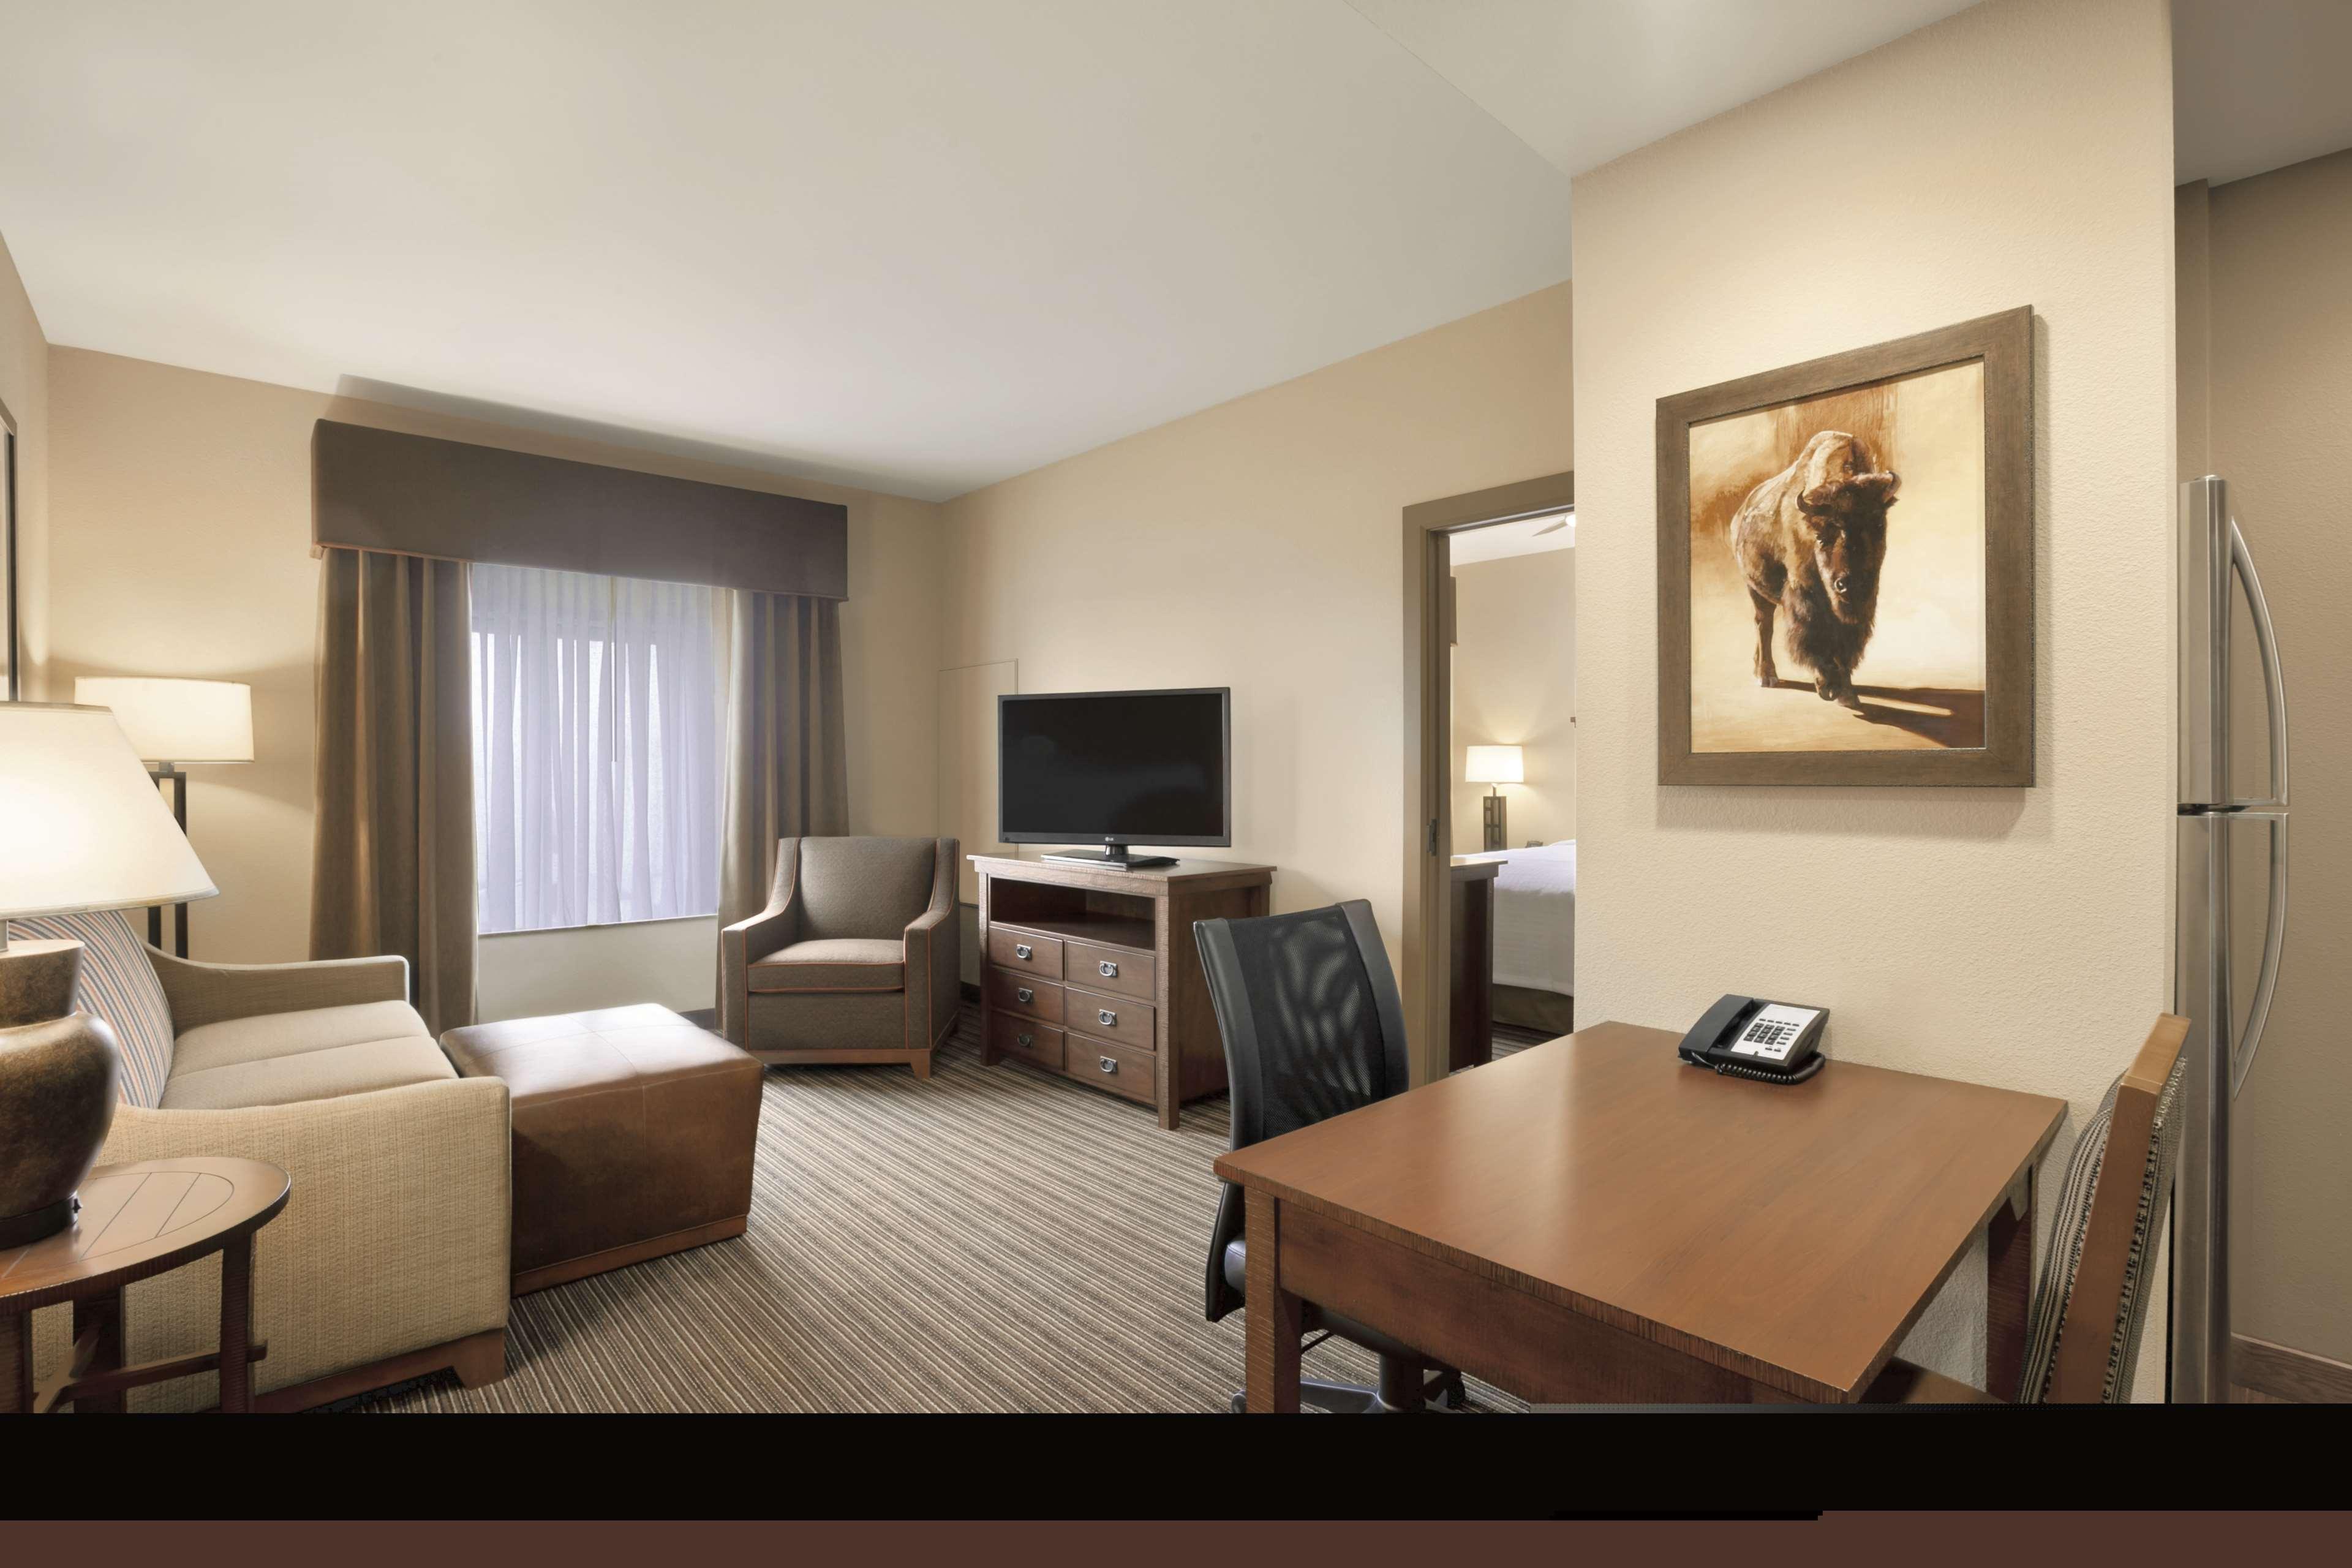 Homewood Suites by Hilton Kalispell, MT image 19